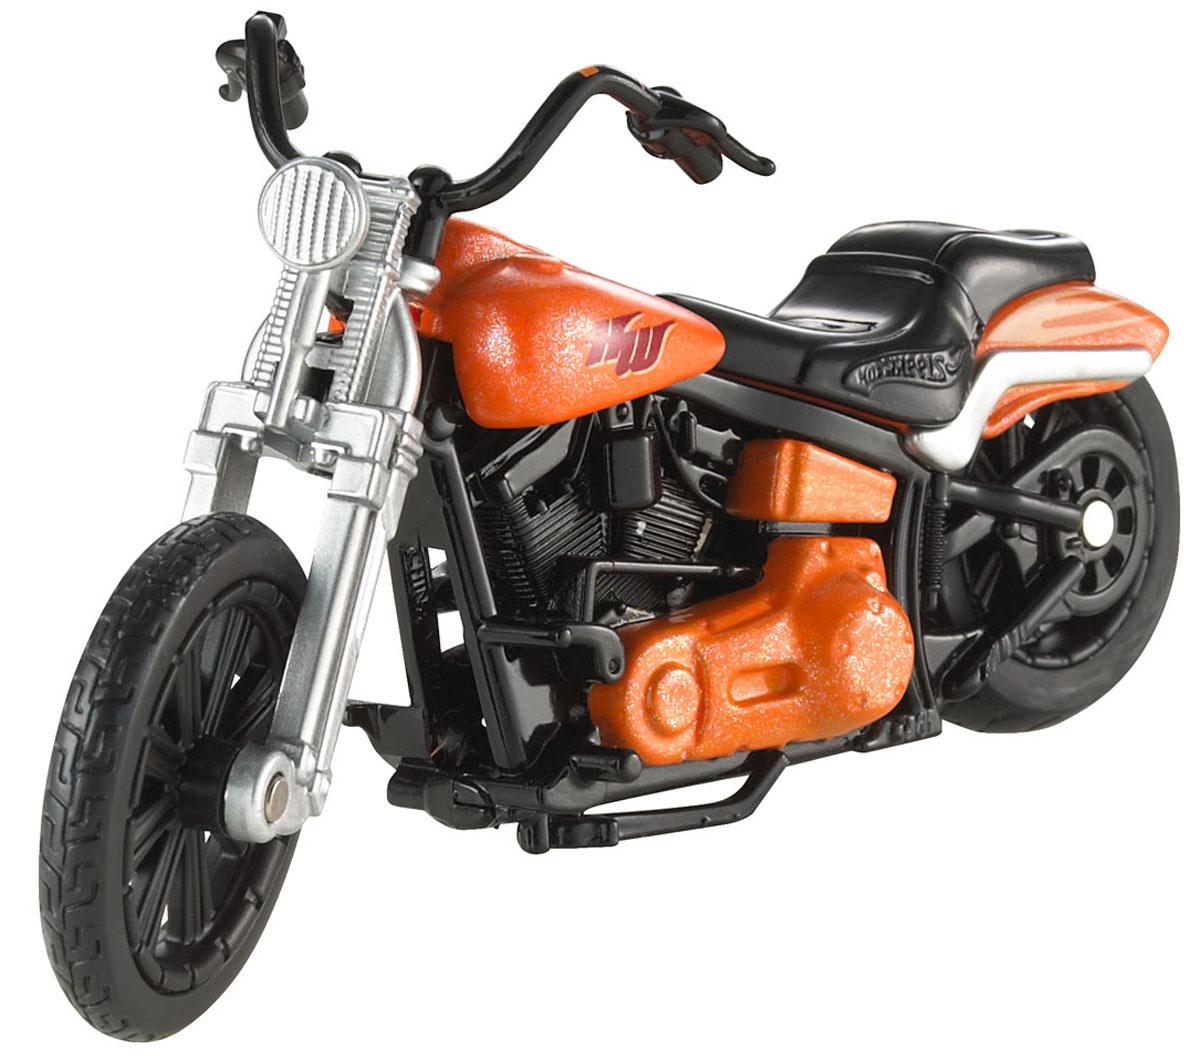 Эта коллекционная литая тюнингованная модель реального мотоцикла от Hot Wheels, выполненная в масштабе 1:18, предназначена для самых смелых трюков! Высокая степень детализации и яркий дизайн моделей позволят вам собрать свою эксклюзивную коллекцию знаменитых мотоциклов! В комплект входит один мотоцикл.